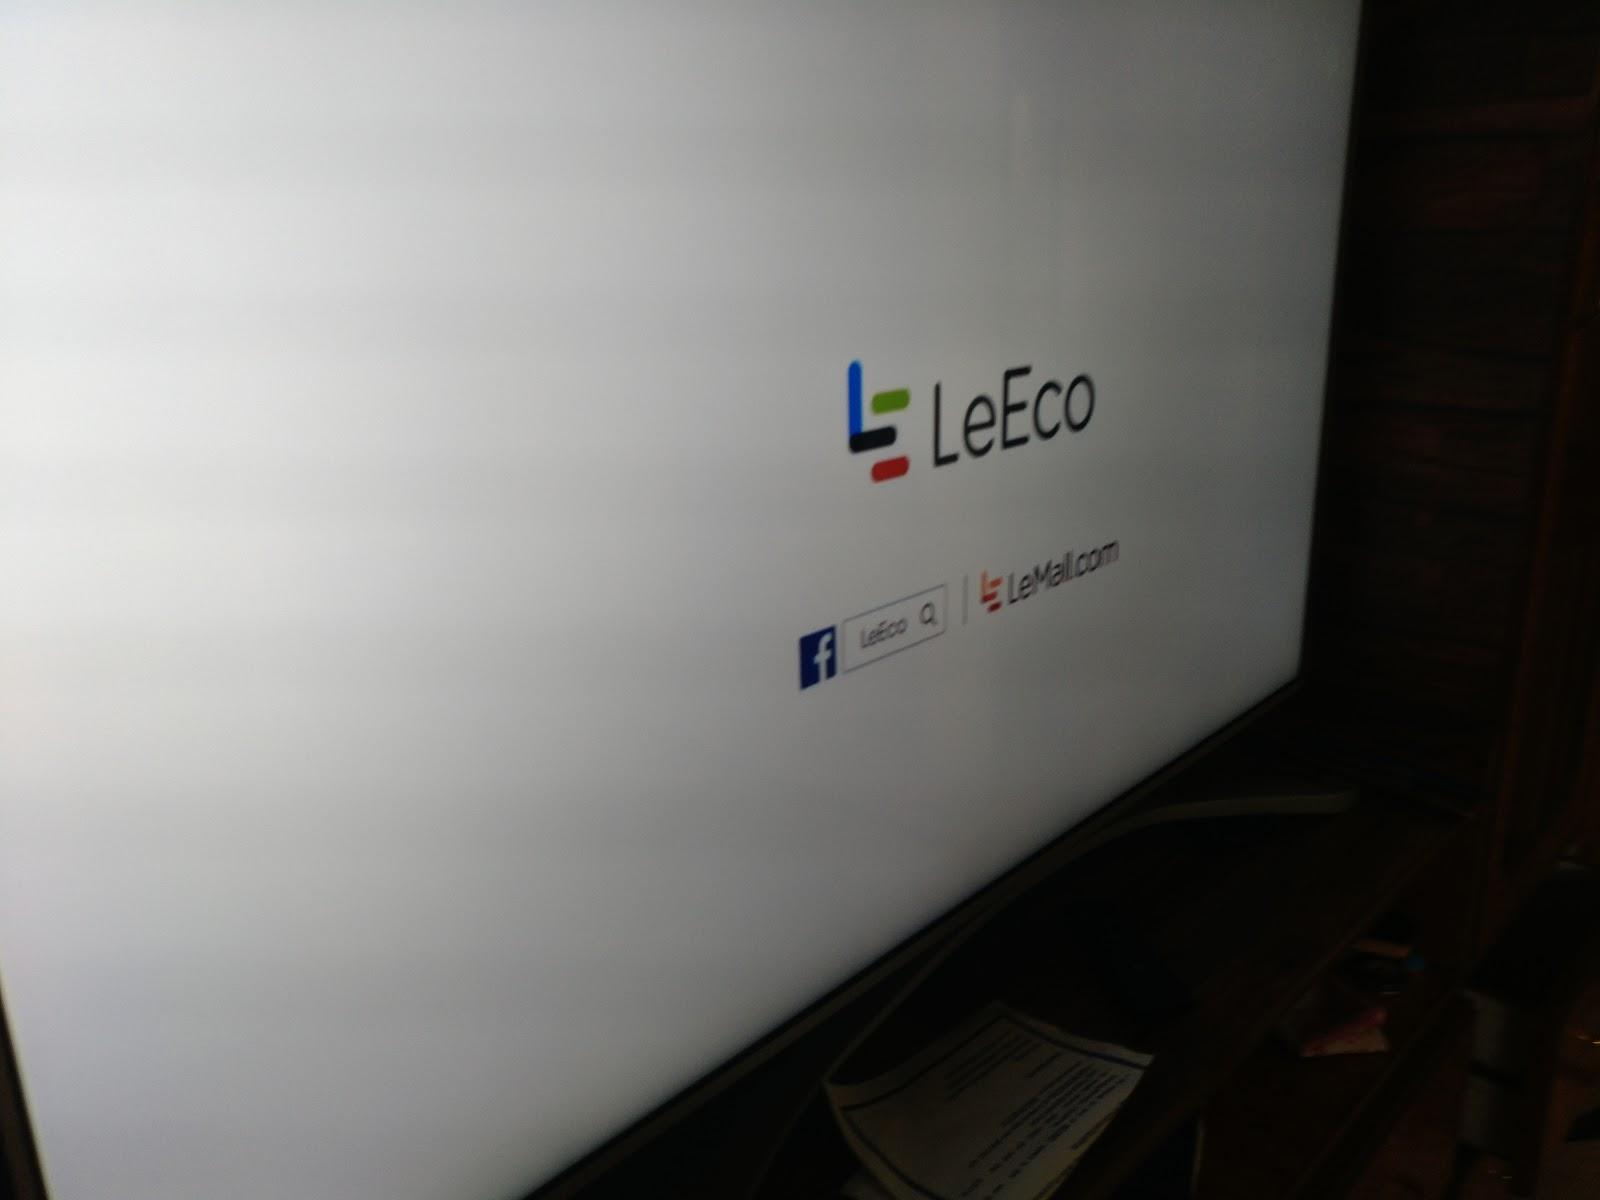 LeEco Super Smart TV X3-55 :Full Review - TECHPHLIE